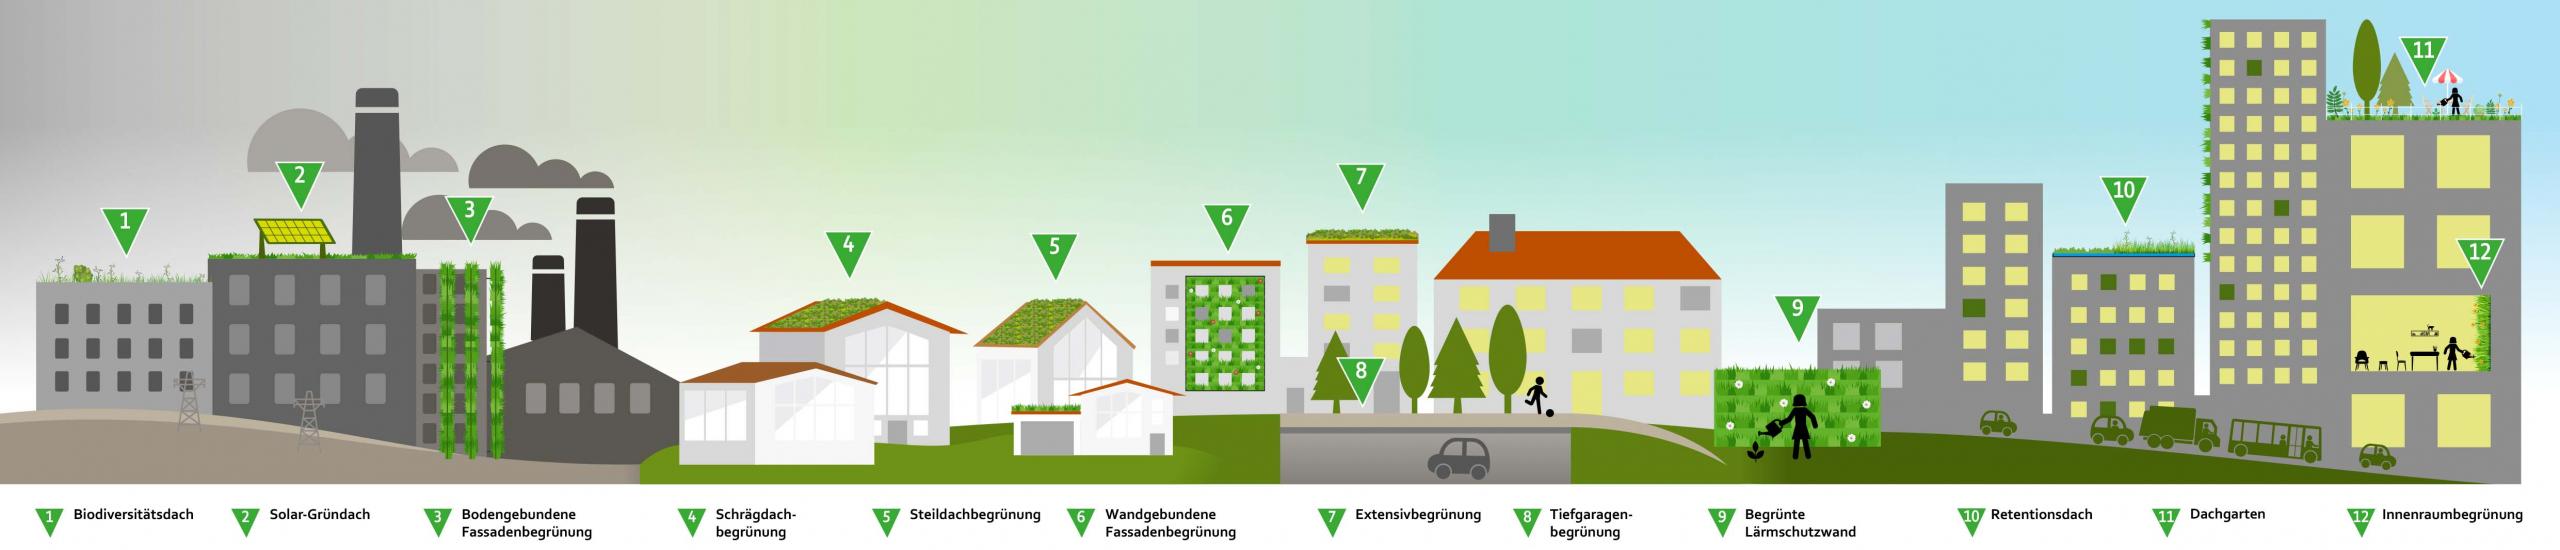 Gründächer sind vielfältig und können auf unterschiedlichen Dächern realisiert werden.